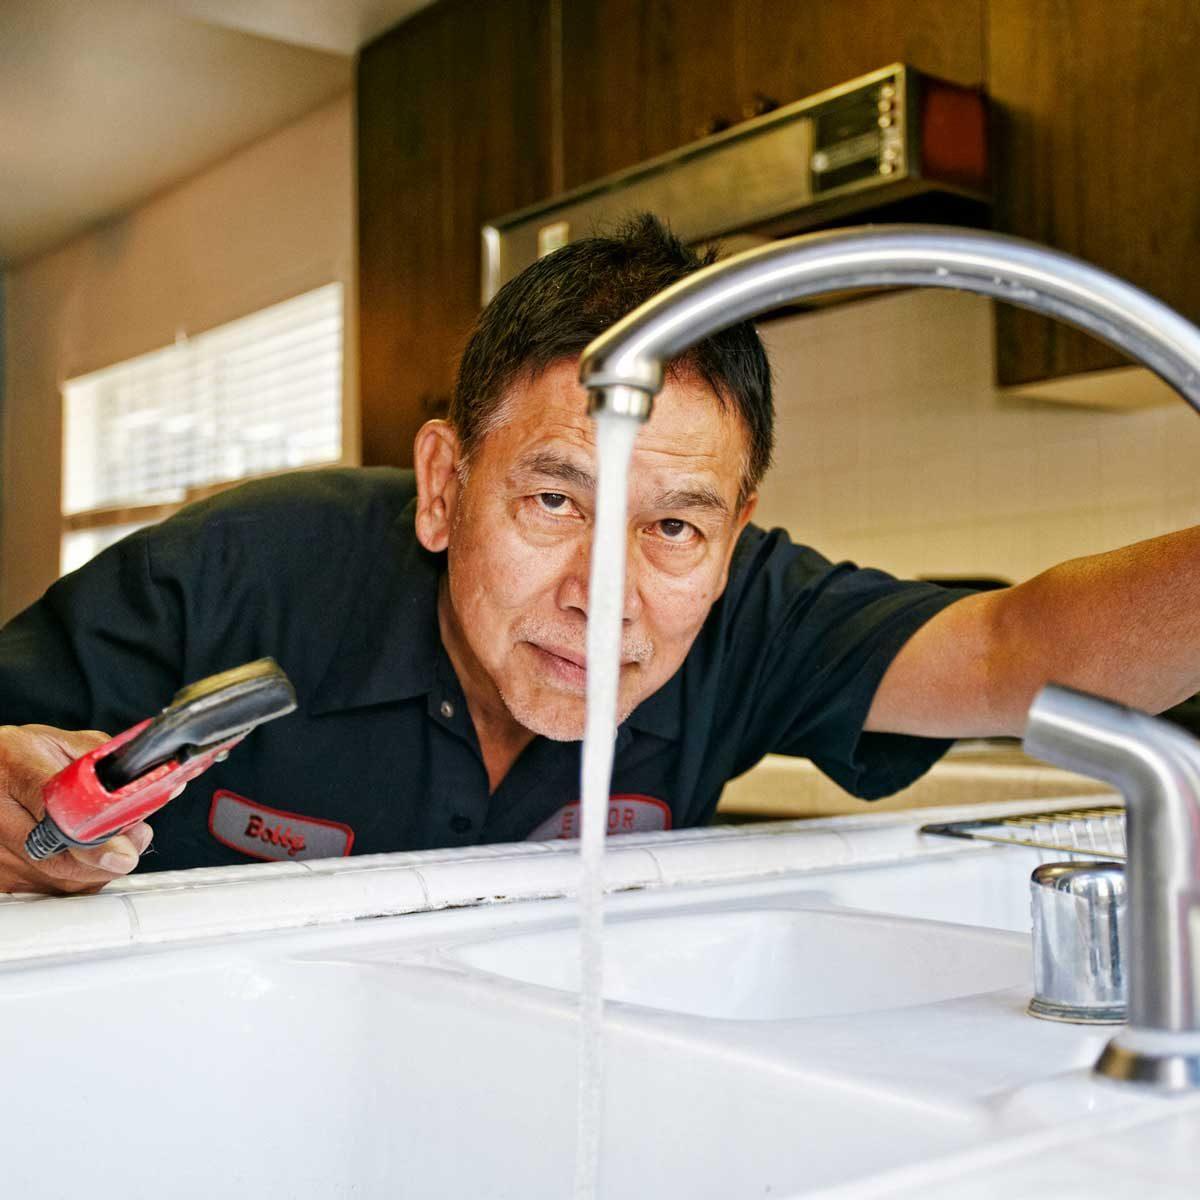 Pro plumber fixing sink